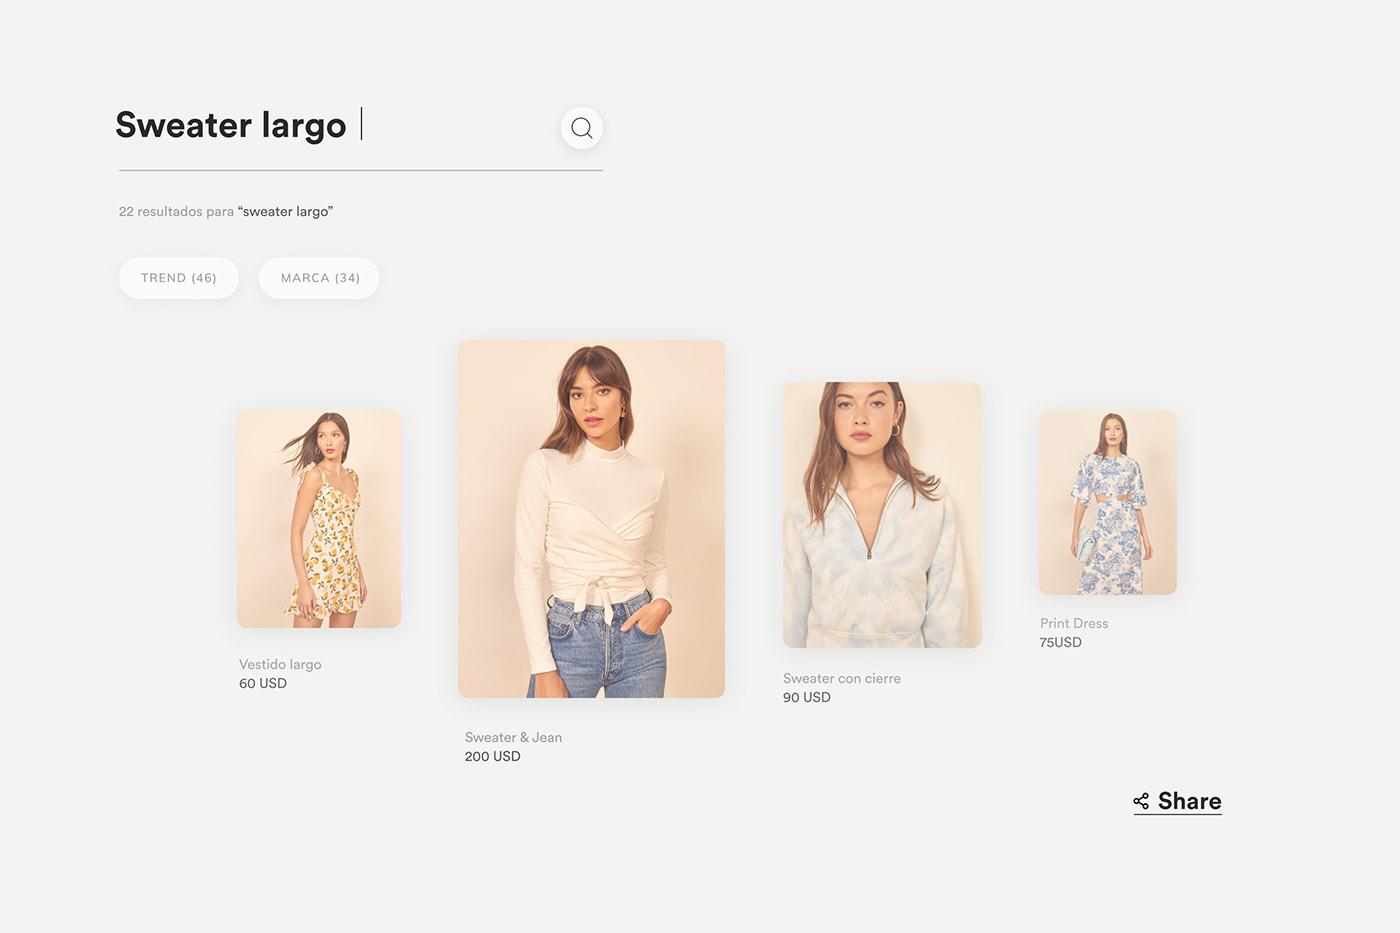 Diseño de las UX UI para ecommerce que integra muchas marcas de moda.